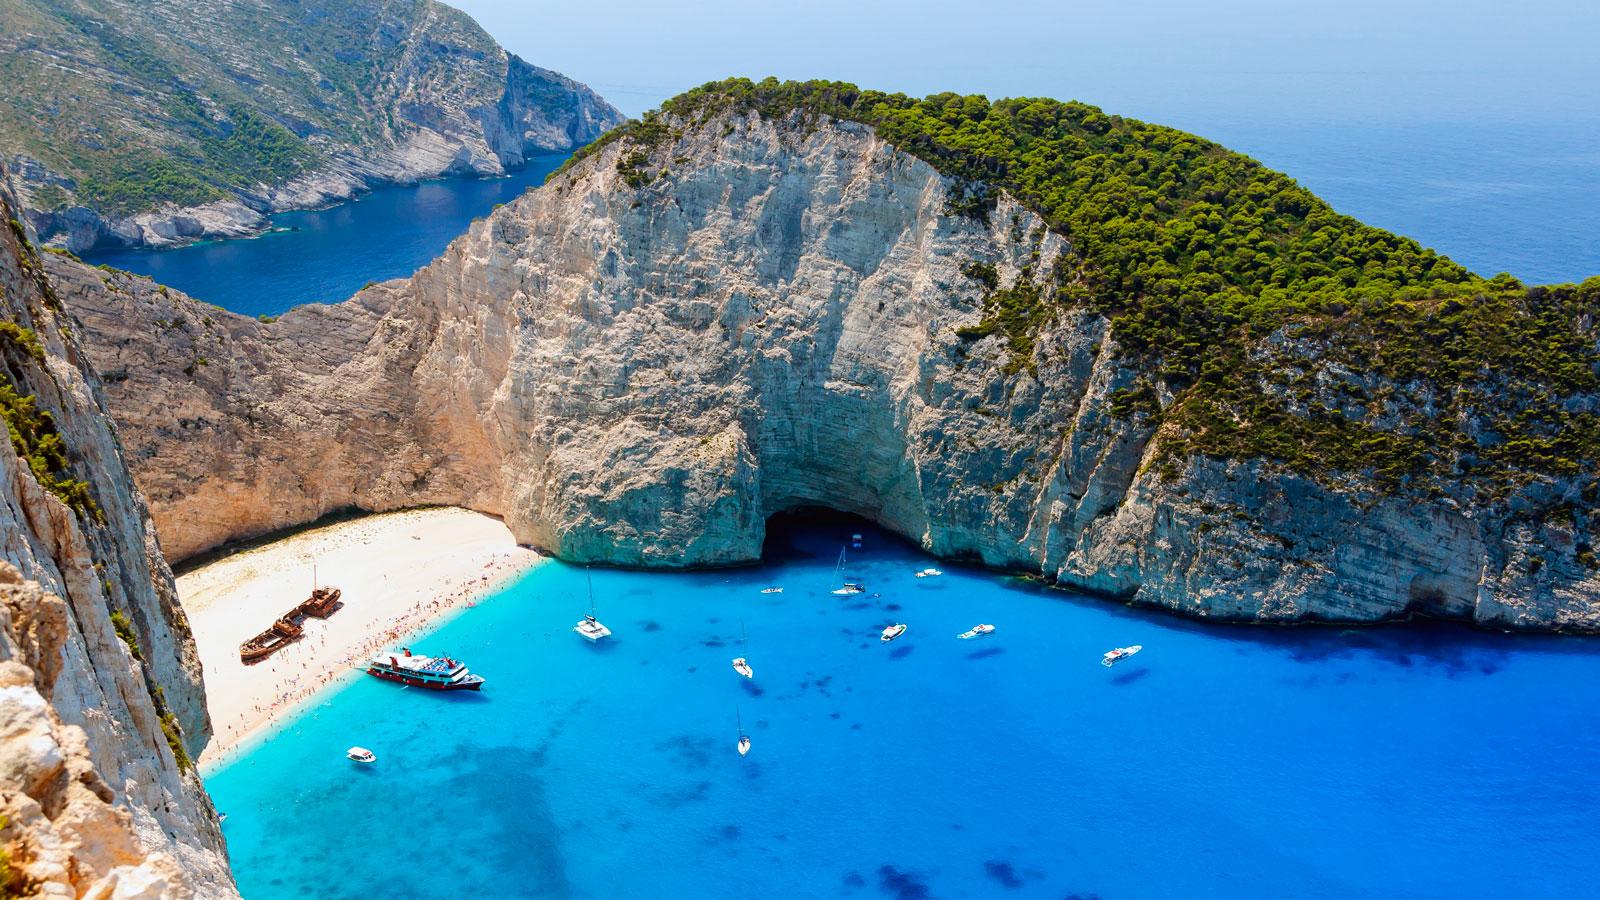 170606121035-greece---travel-destination---shutterstock-560829934.jpg